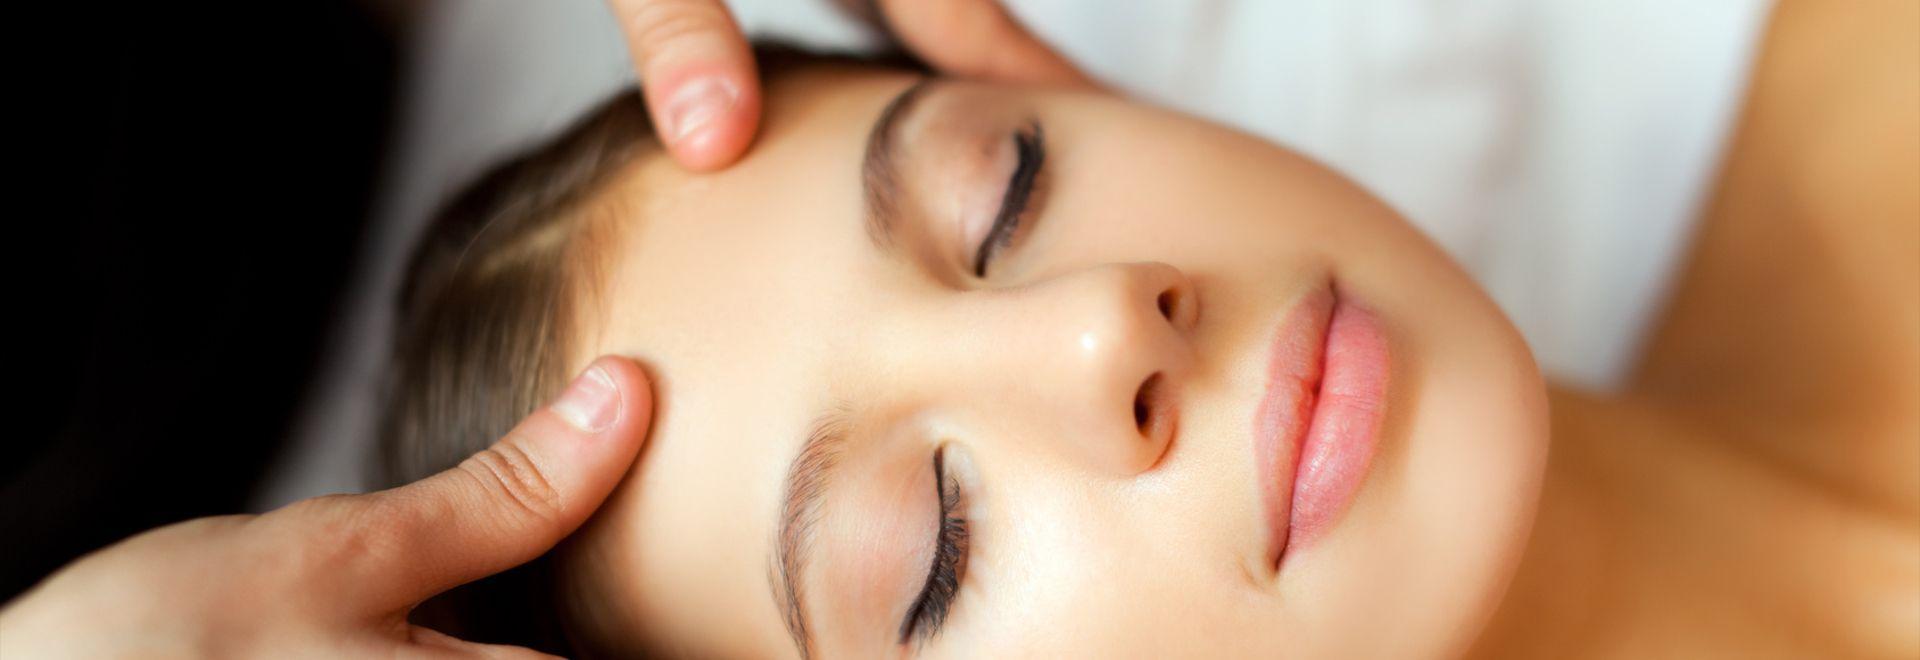 Wirkung und Sinn einer Wellnessmassage entdecken